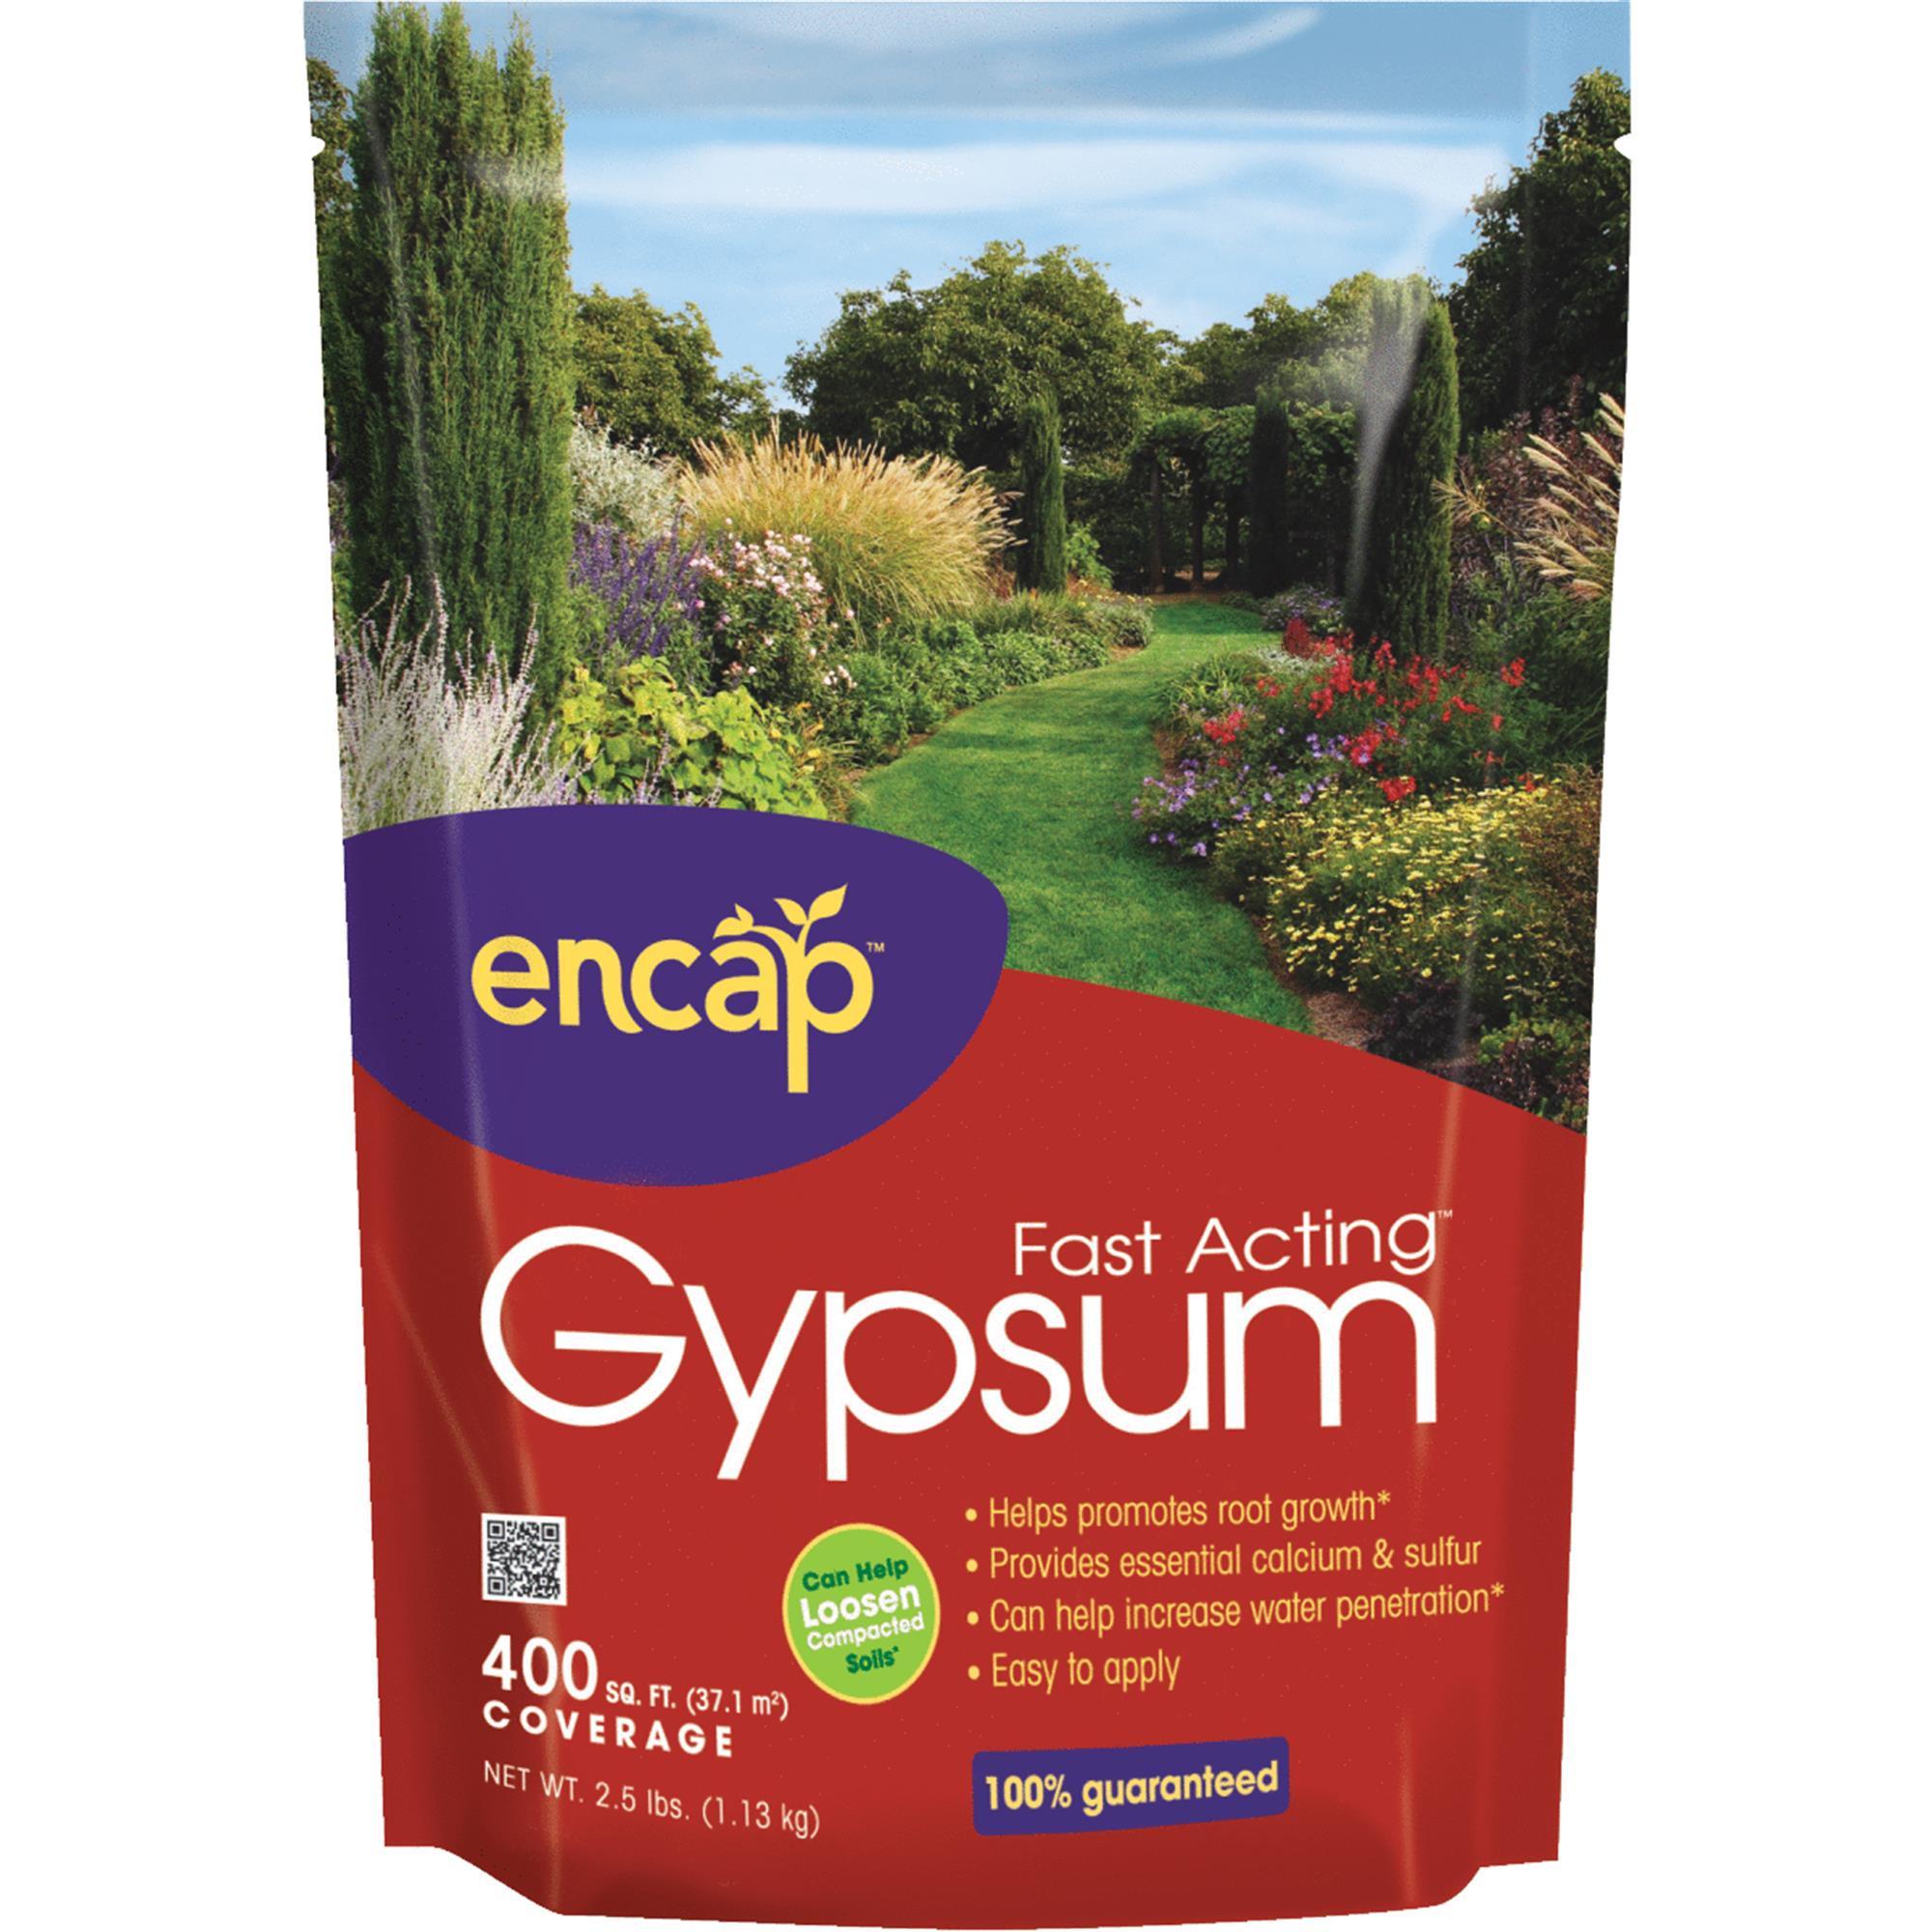 Encap Fast Acting Gypsum